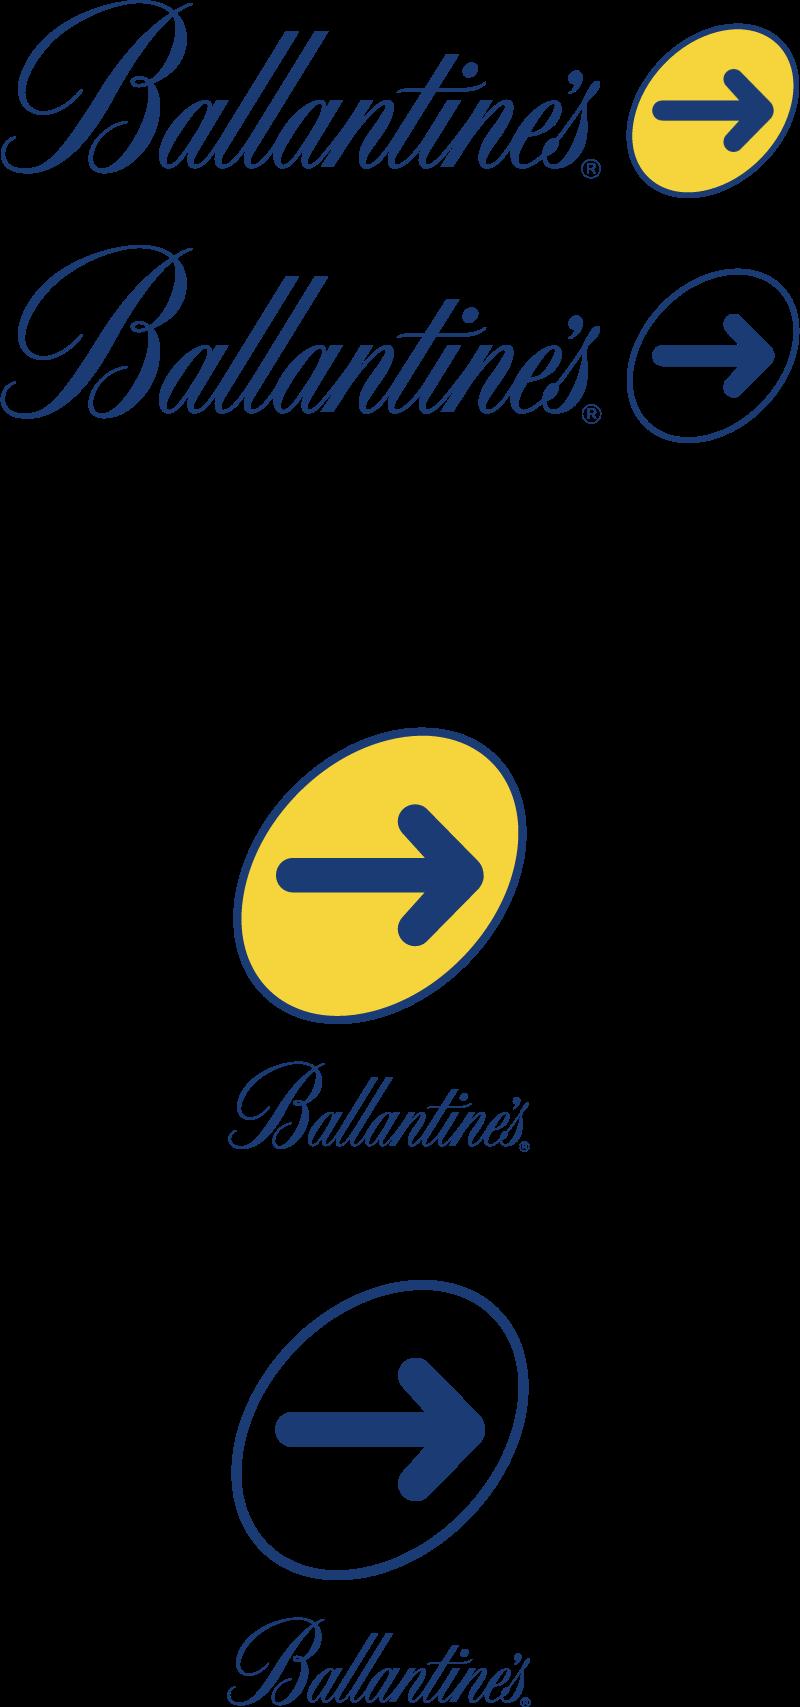 Ballantynes vector